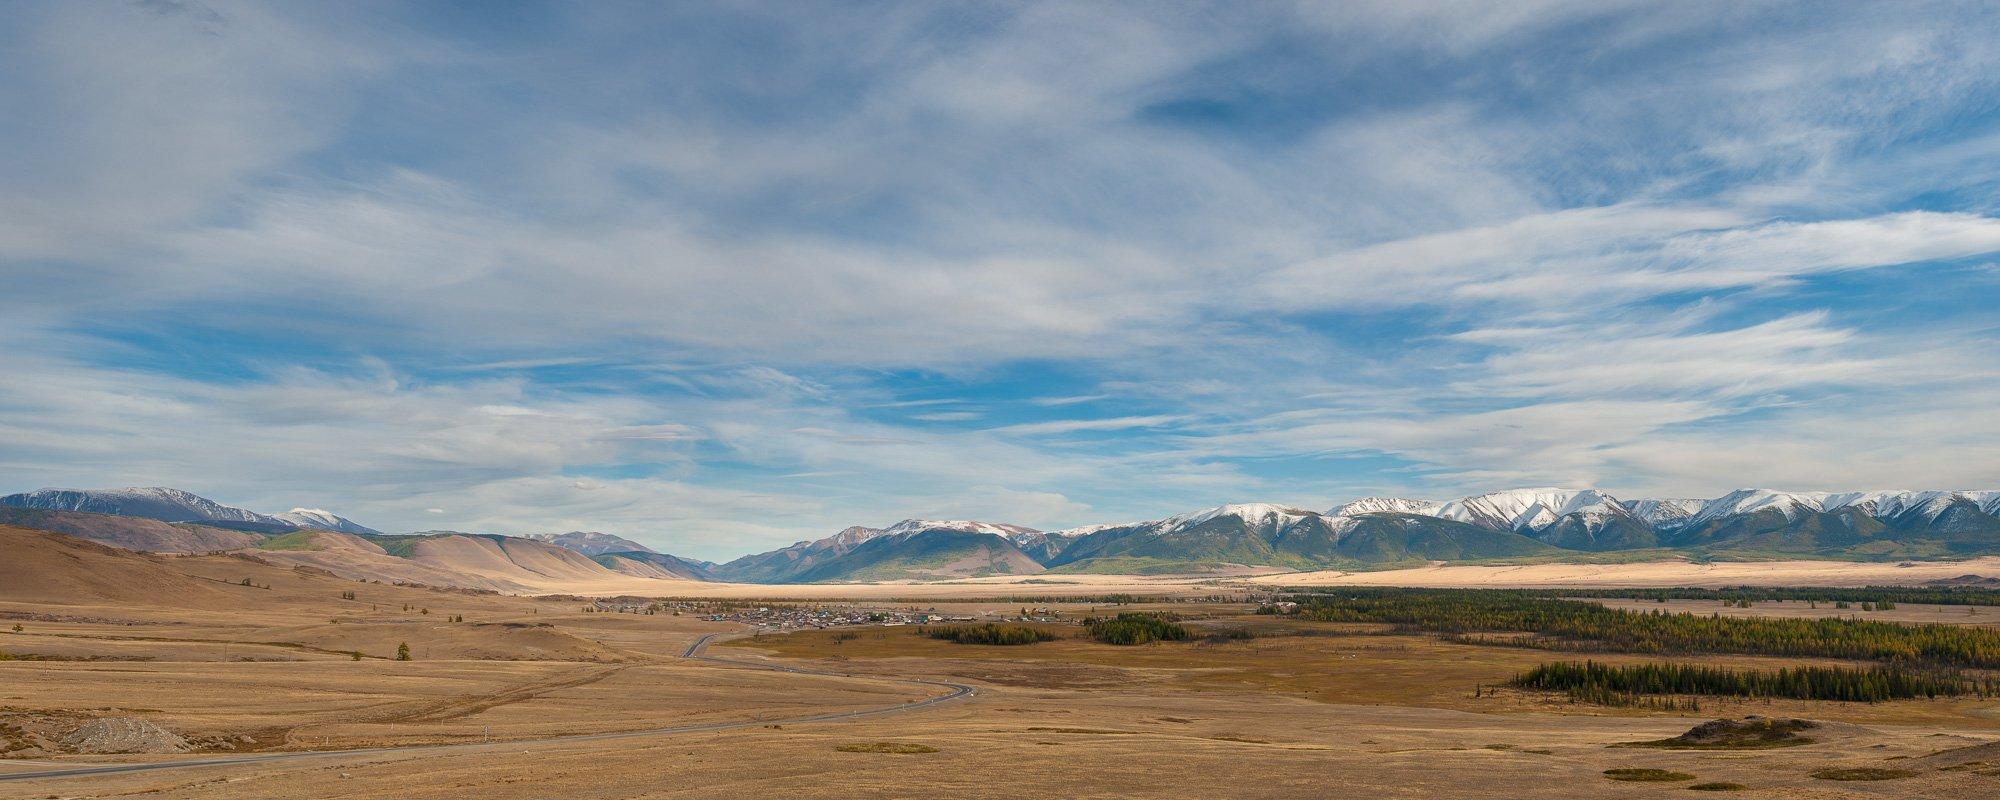 Горный алтай, Горы, Небо, Панорама, Северо-чуйский хребет, Степь, Кочергин Дмитрий